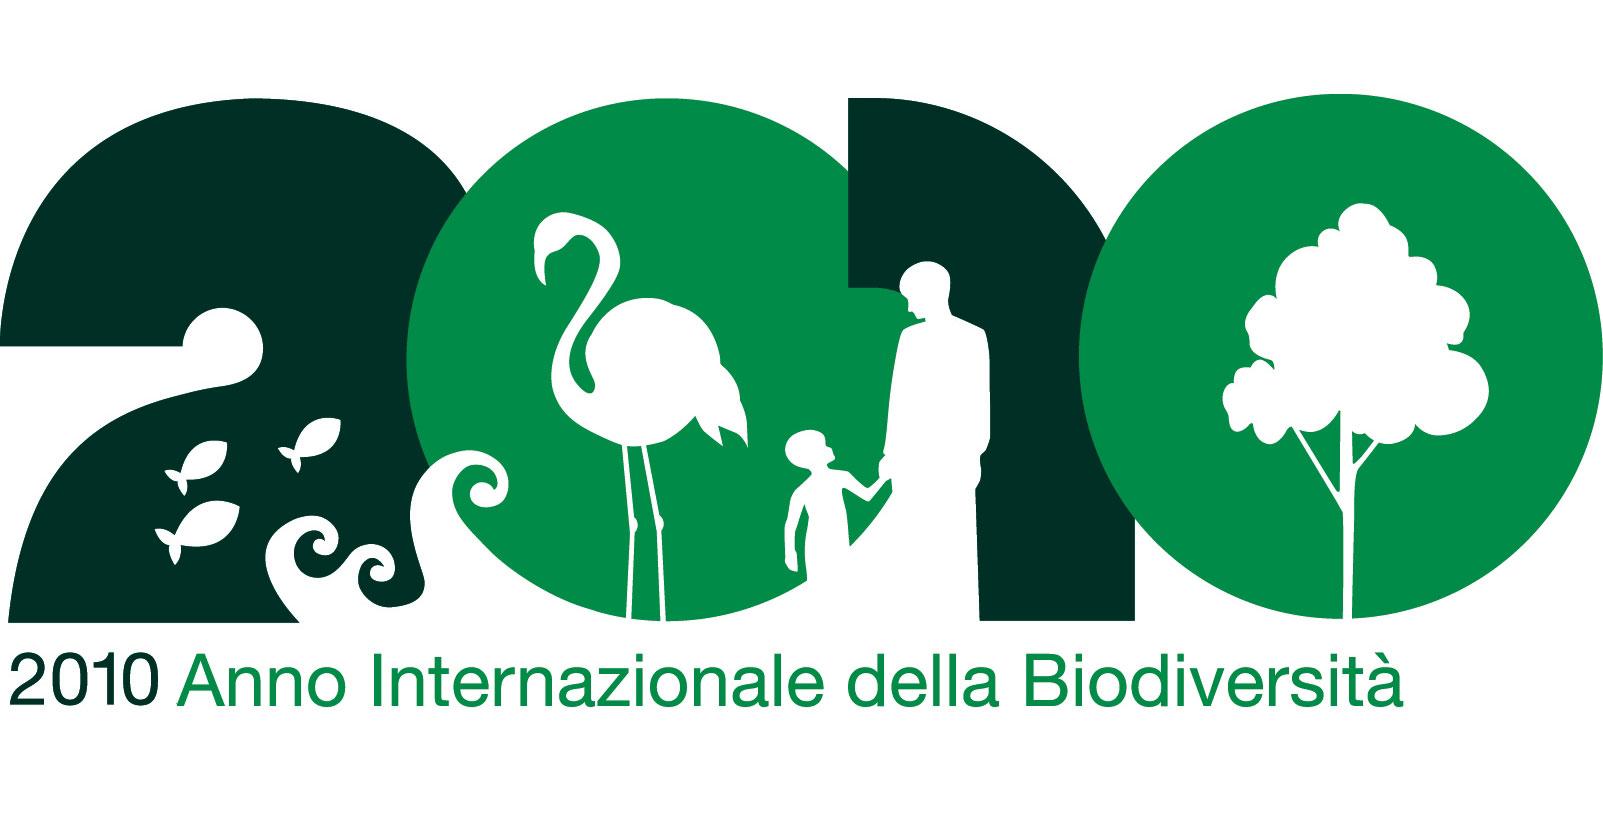 2010 Anno Internazionale della Biodiversità